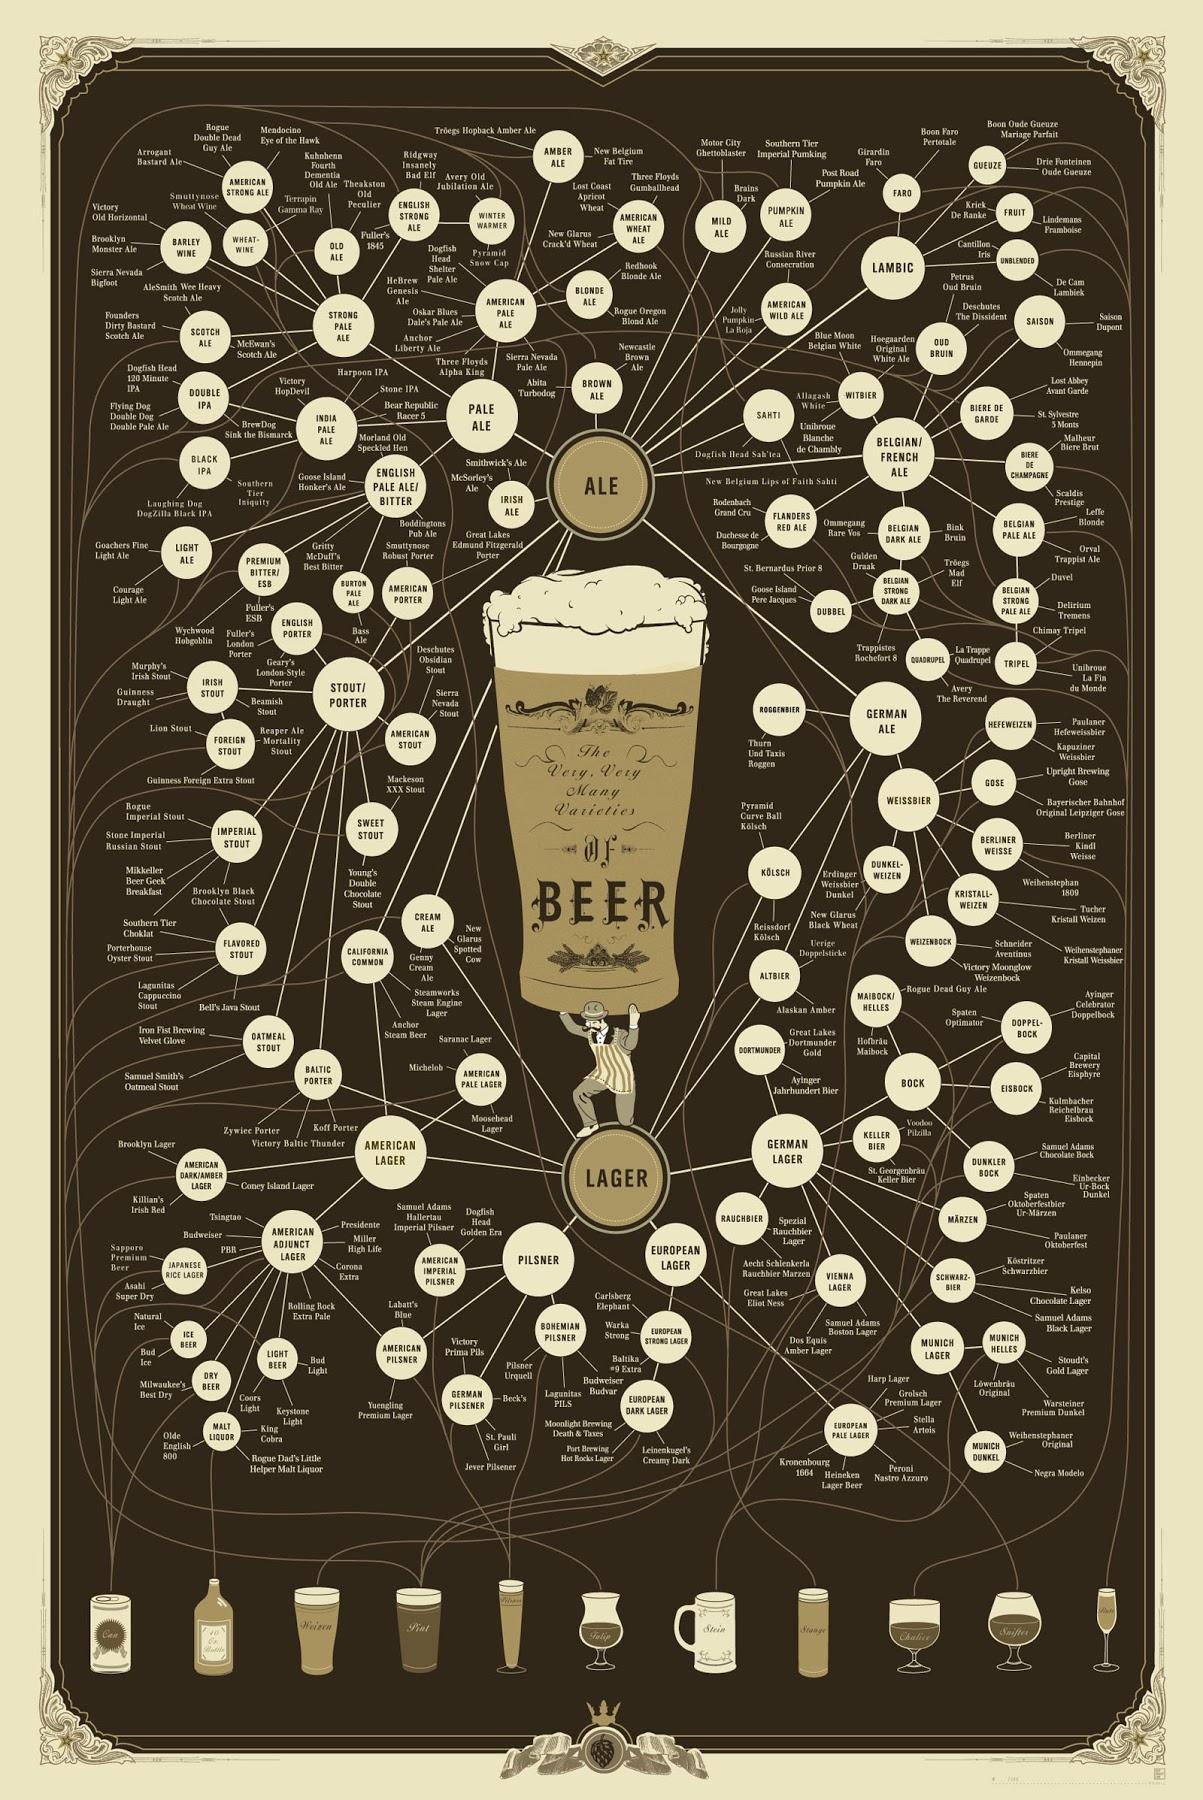 The Very, Very Many Varieties of Beer